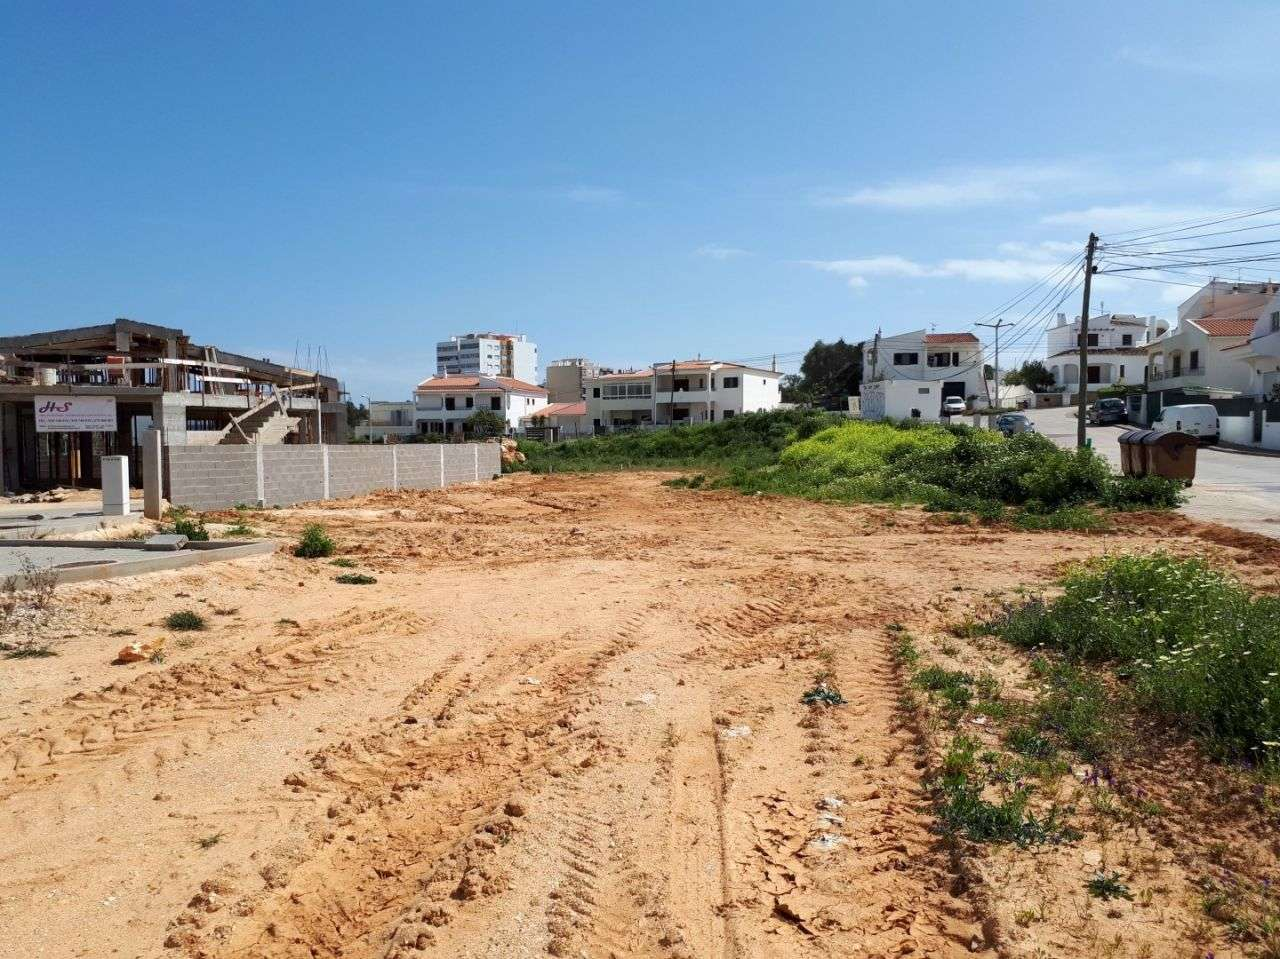 Terreno para comprar, Portimão, Faro - Foto 2